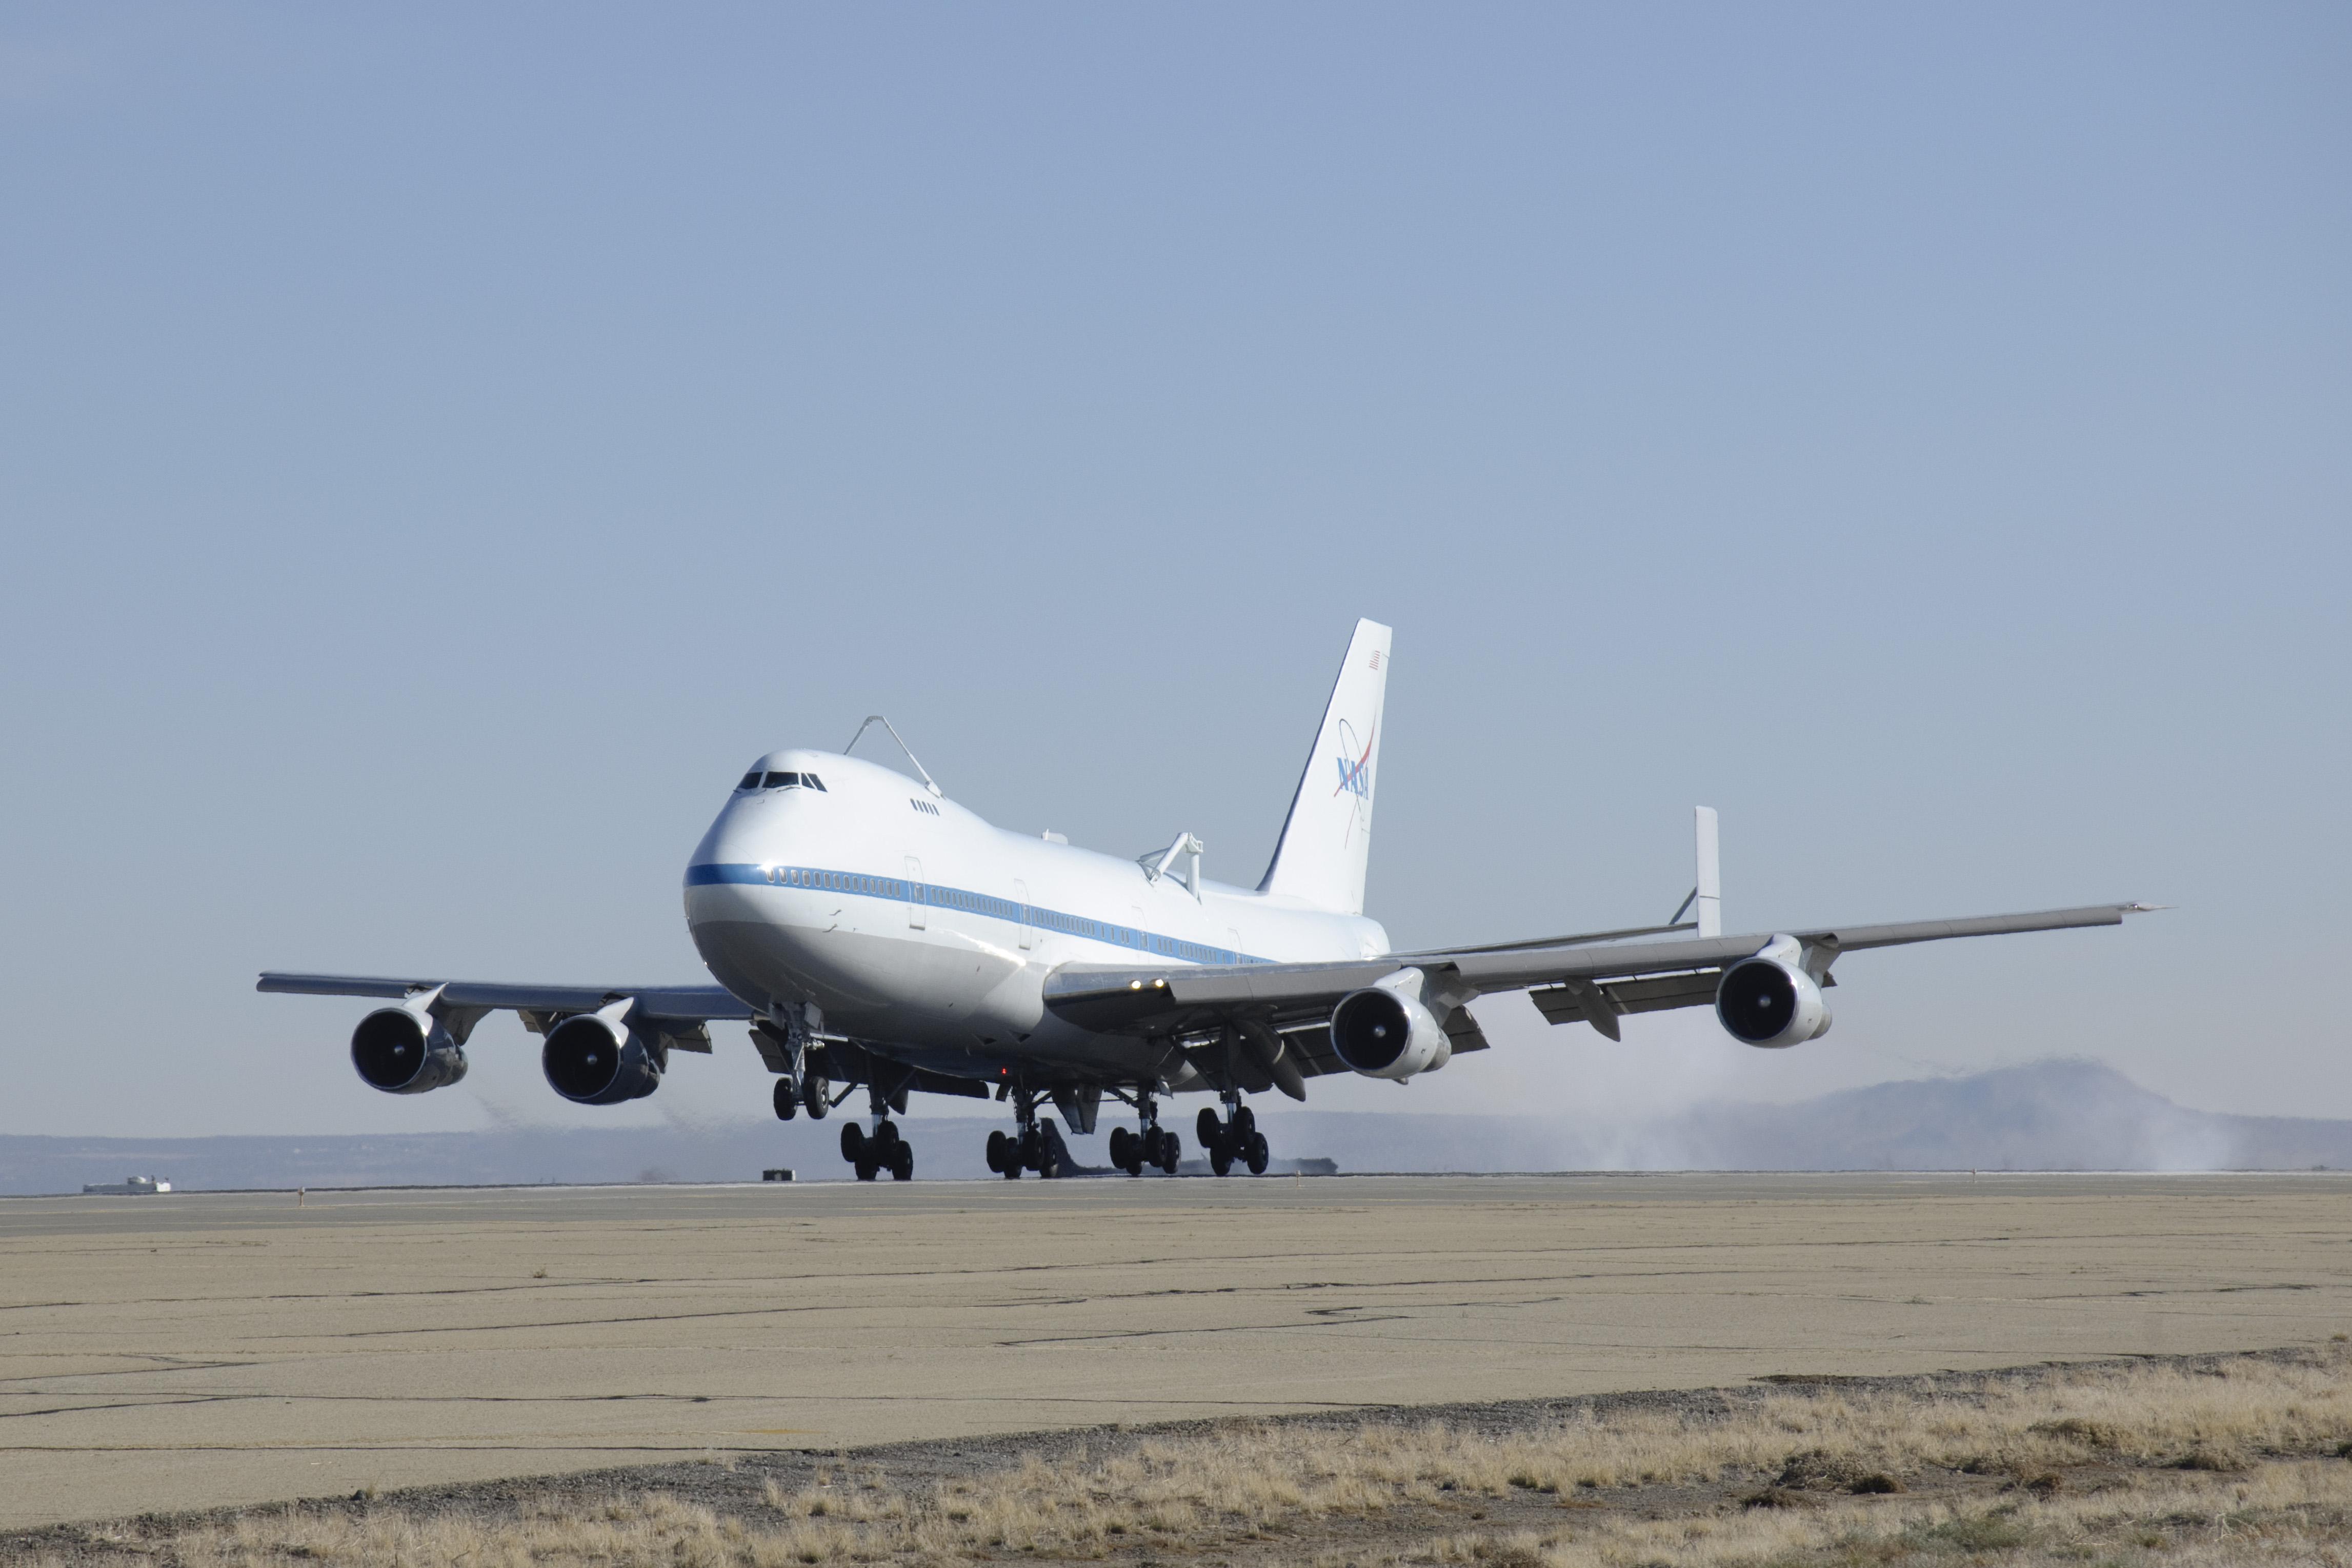 NASA's Shuttle Carrier Aircraft 911's Final Flight | NASA